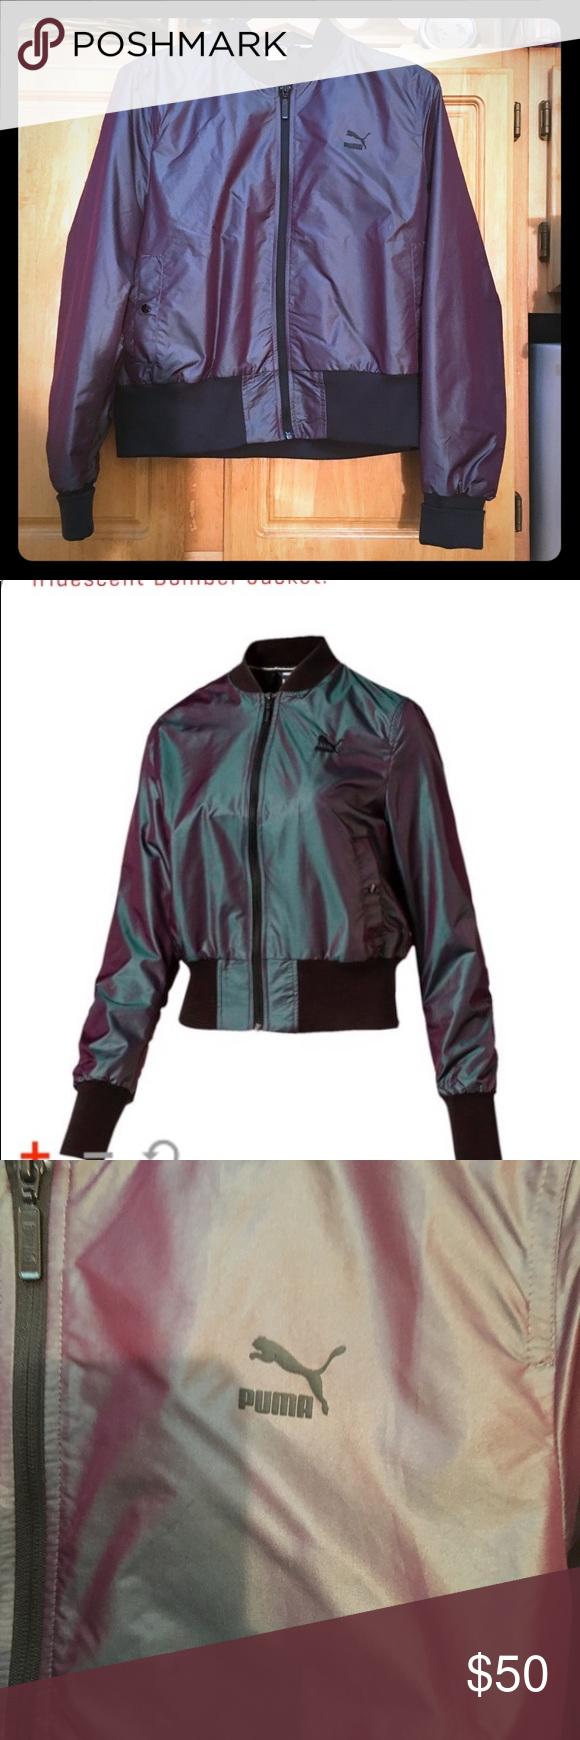 e7d6da388eca PUMA iridescent bomber jacket- sz. XL